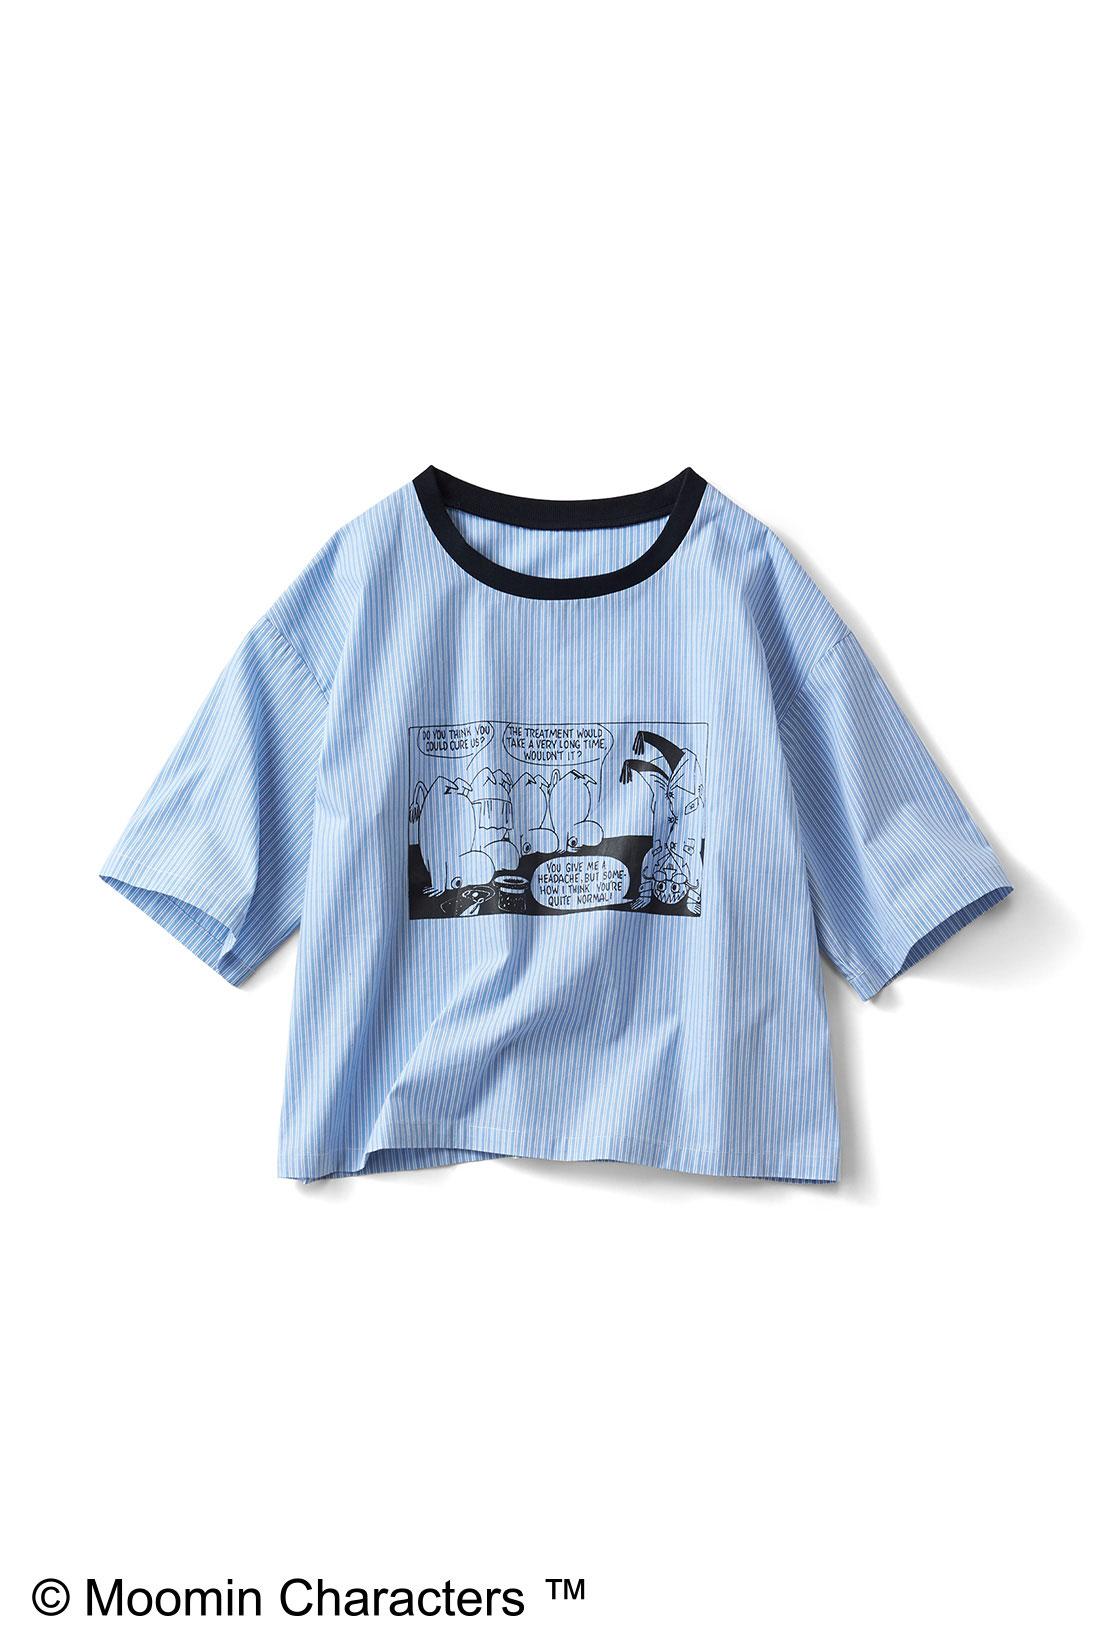 Tシャツの形なのに布はくというのがポイント!